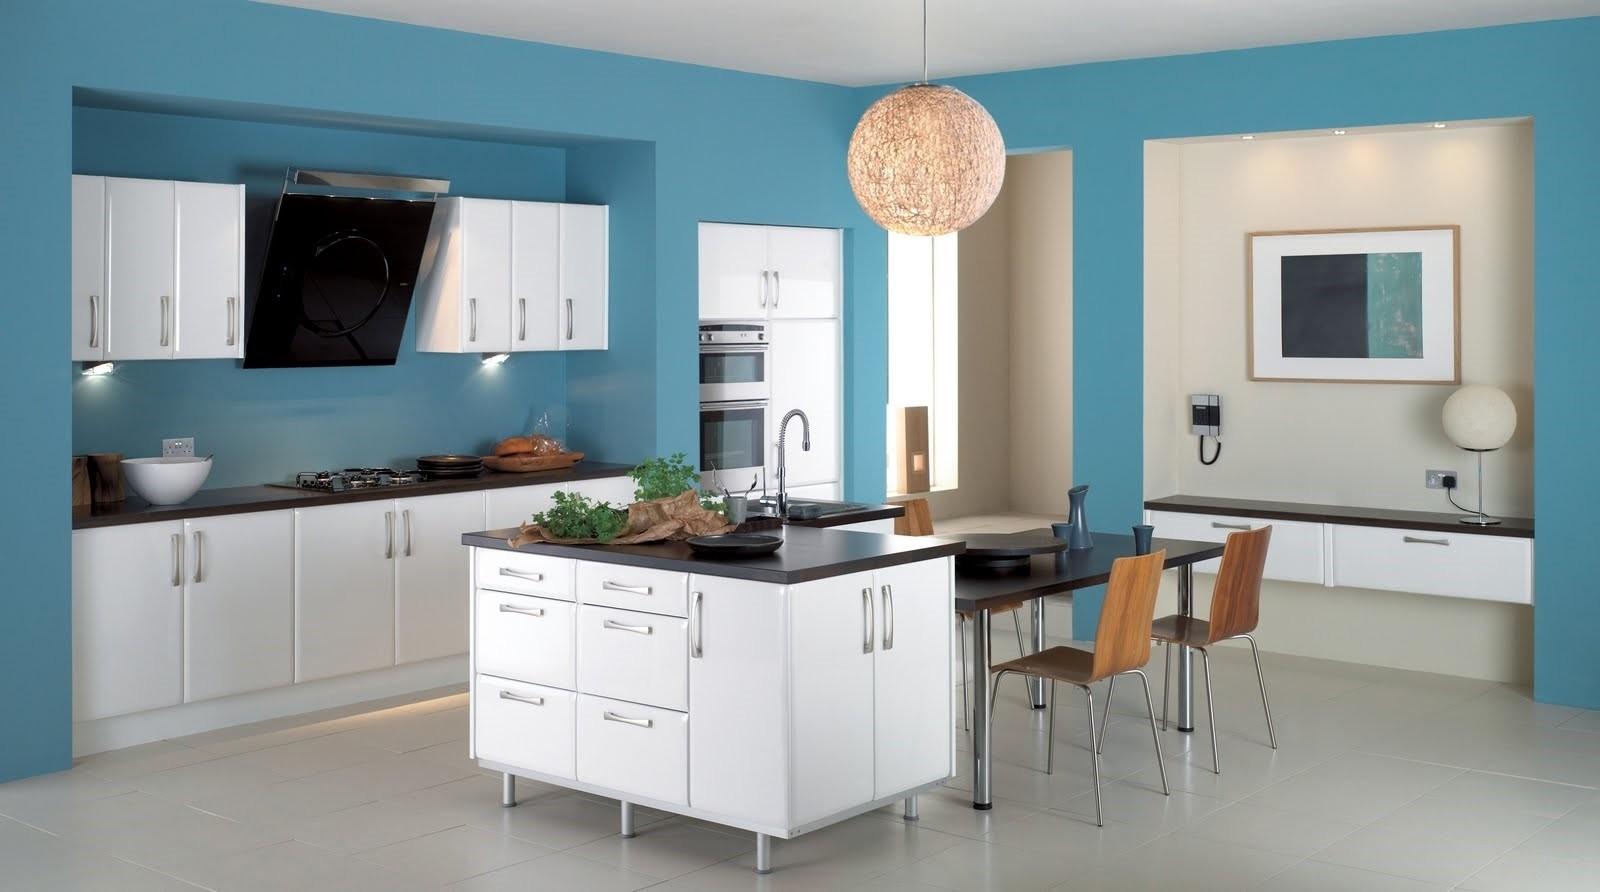 Cucina luogo pratico e conviviale decorazioni importanti come quadri luci. Colori Pareti Cucina Moderna Classica Rustica E Legno